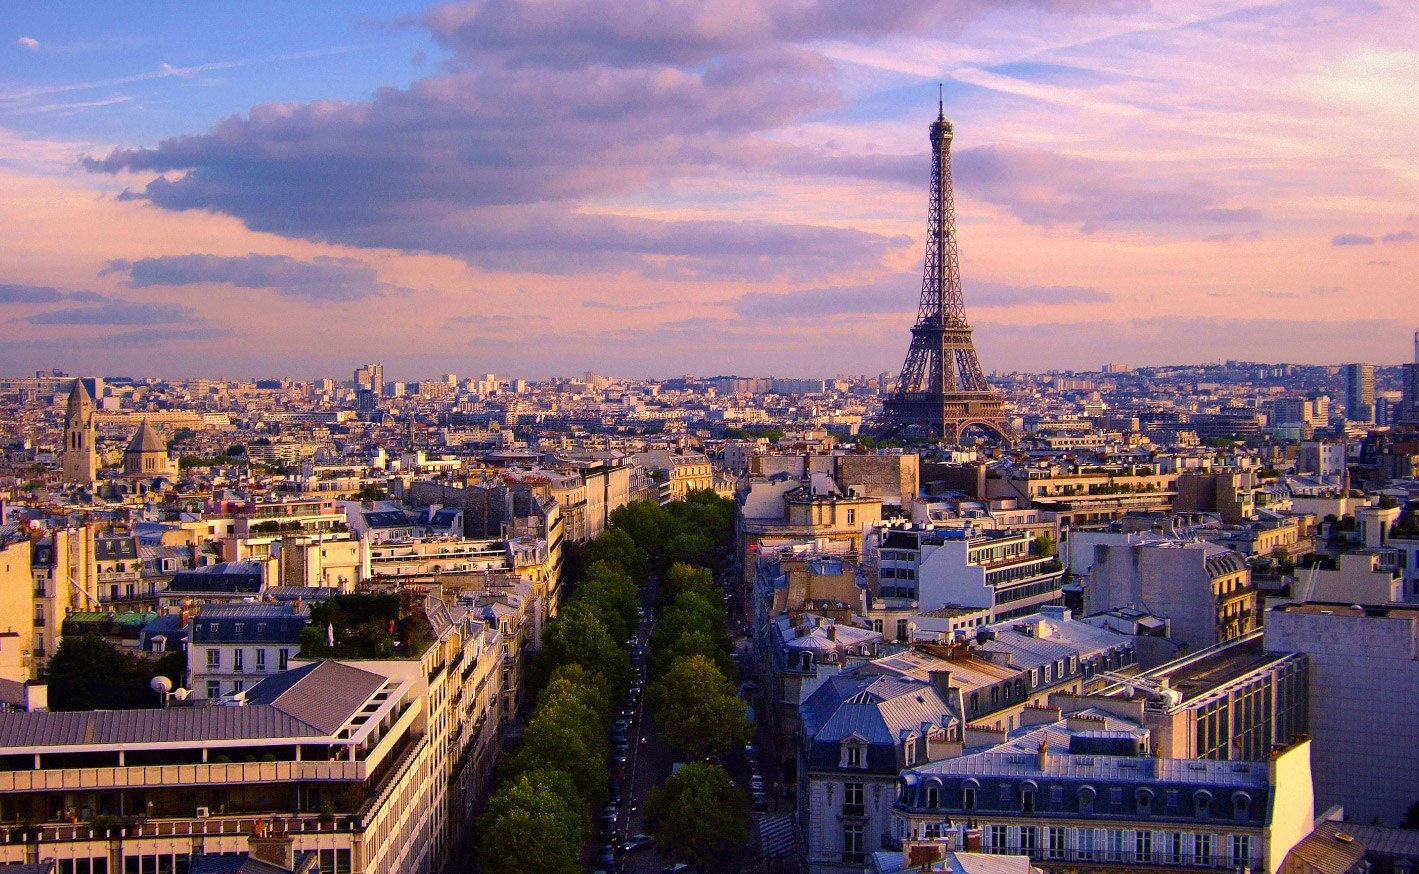 Hai visto? Ecco dove mangiare economico a Parigi